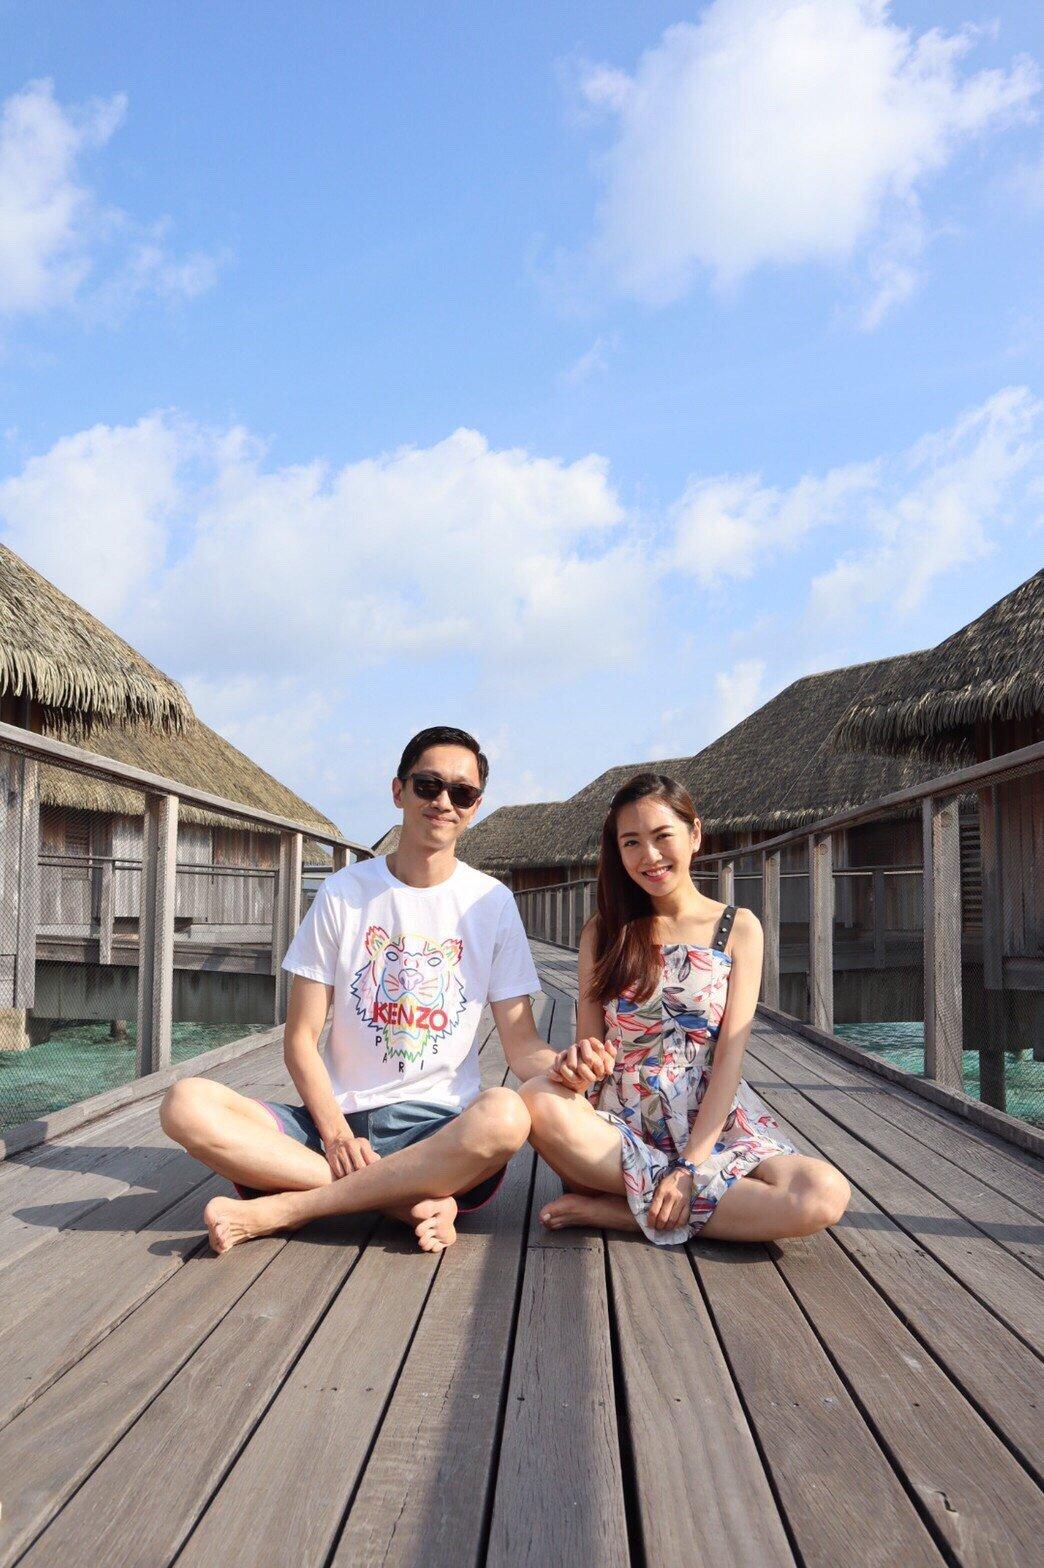 ▲楊千霈與先生在旅行中,更認識彼此也更了解彼此。